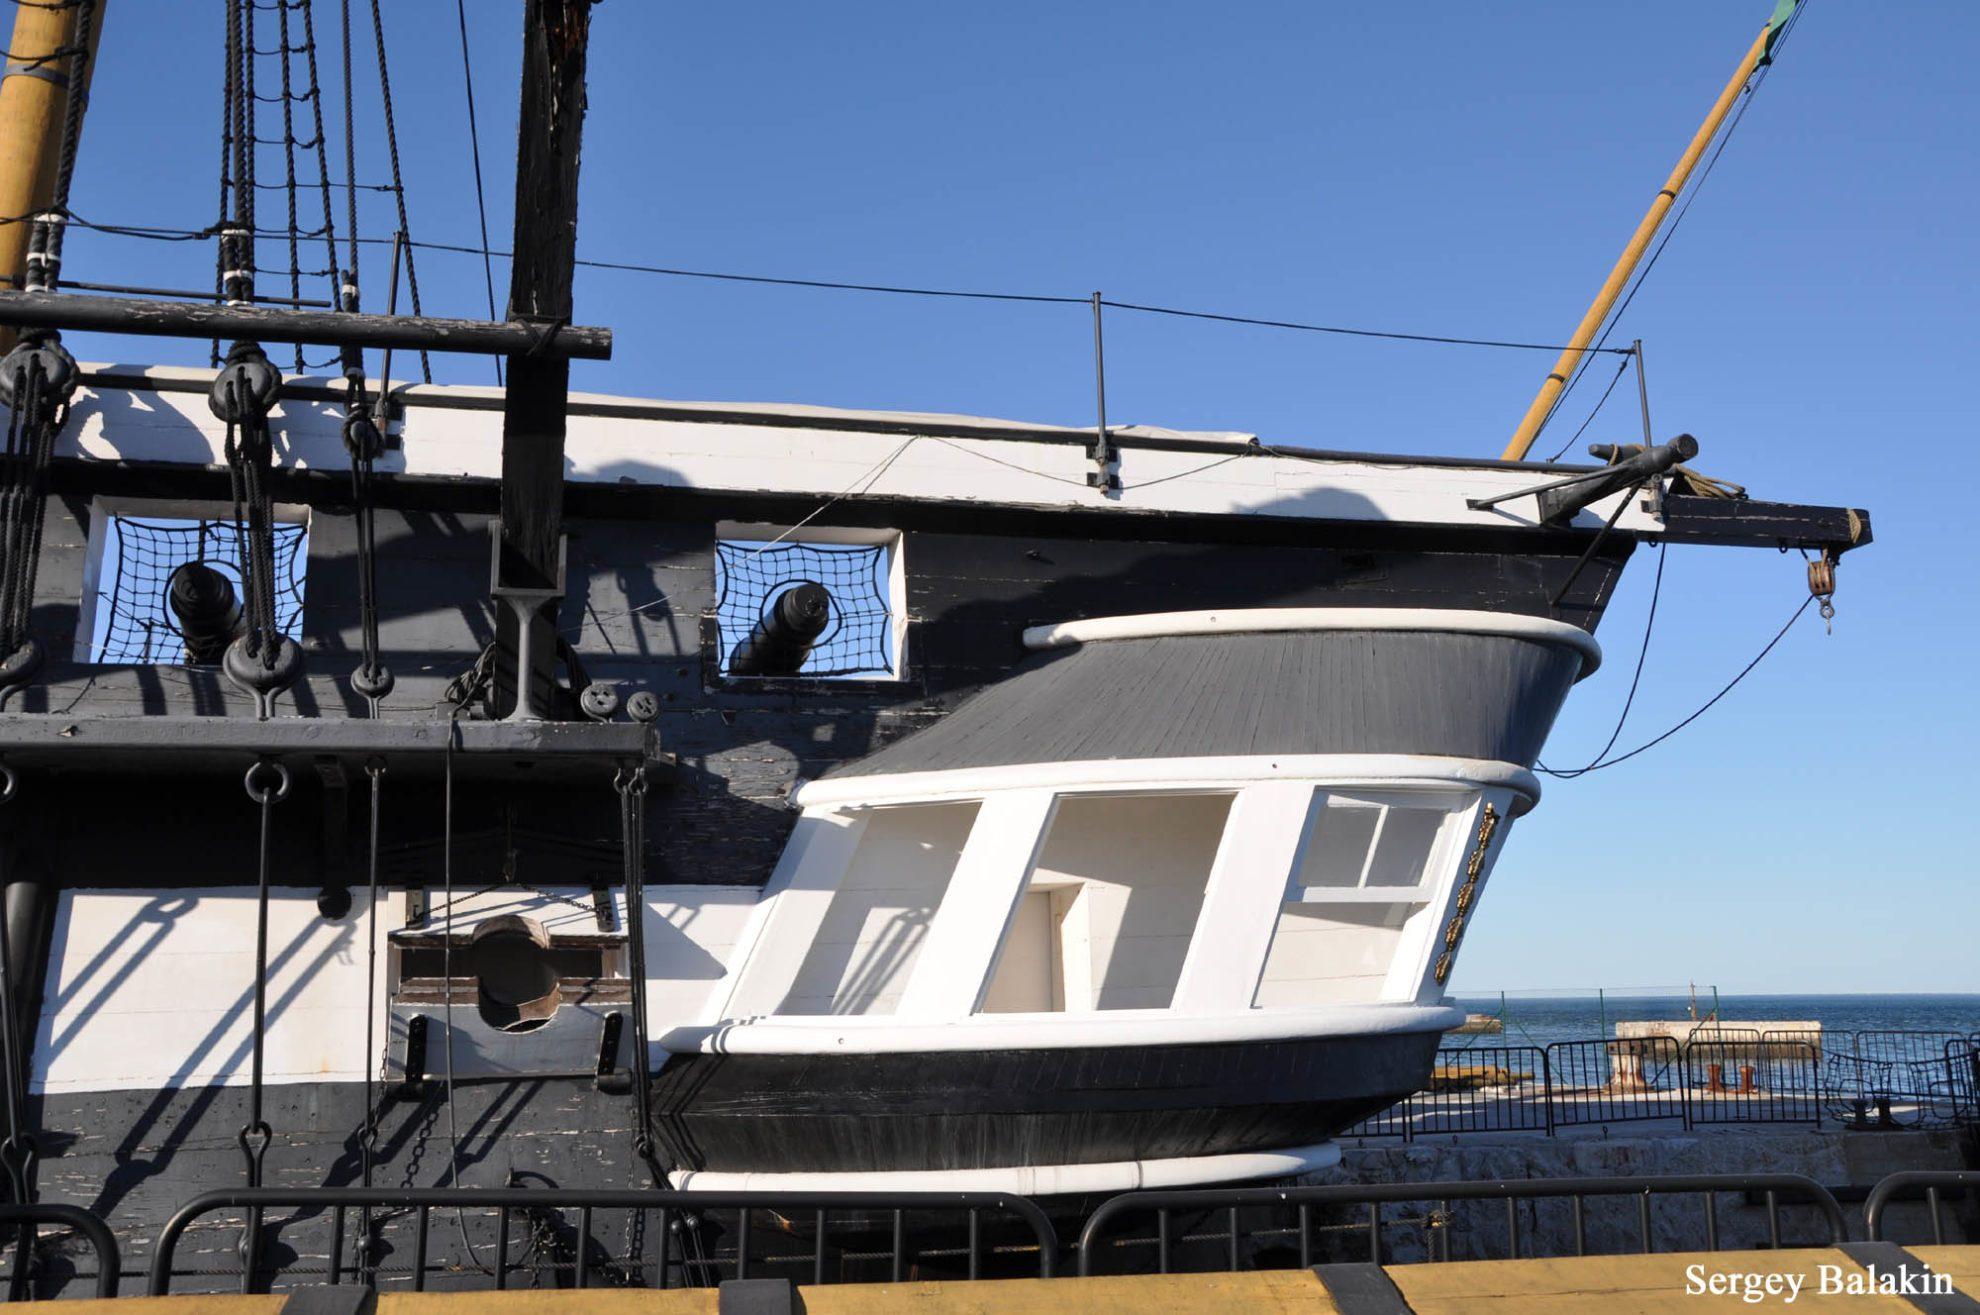 Кормовая часть фрегата. Полукруглая «веранда» - это штульцы, офицерский гальюн.